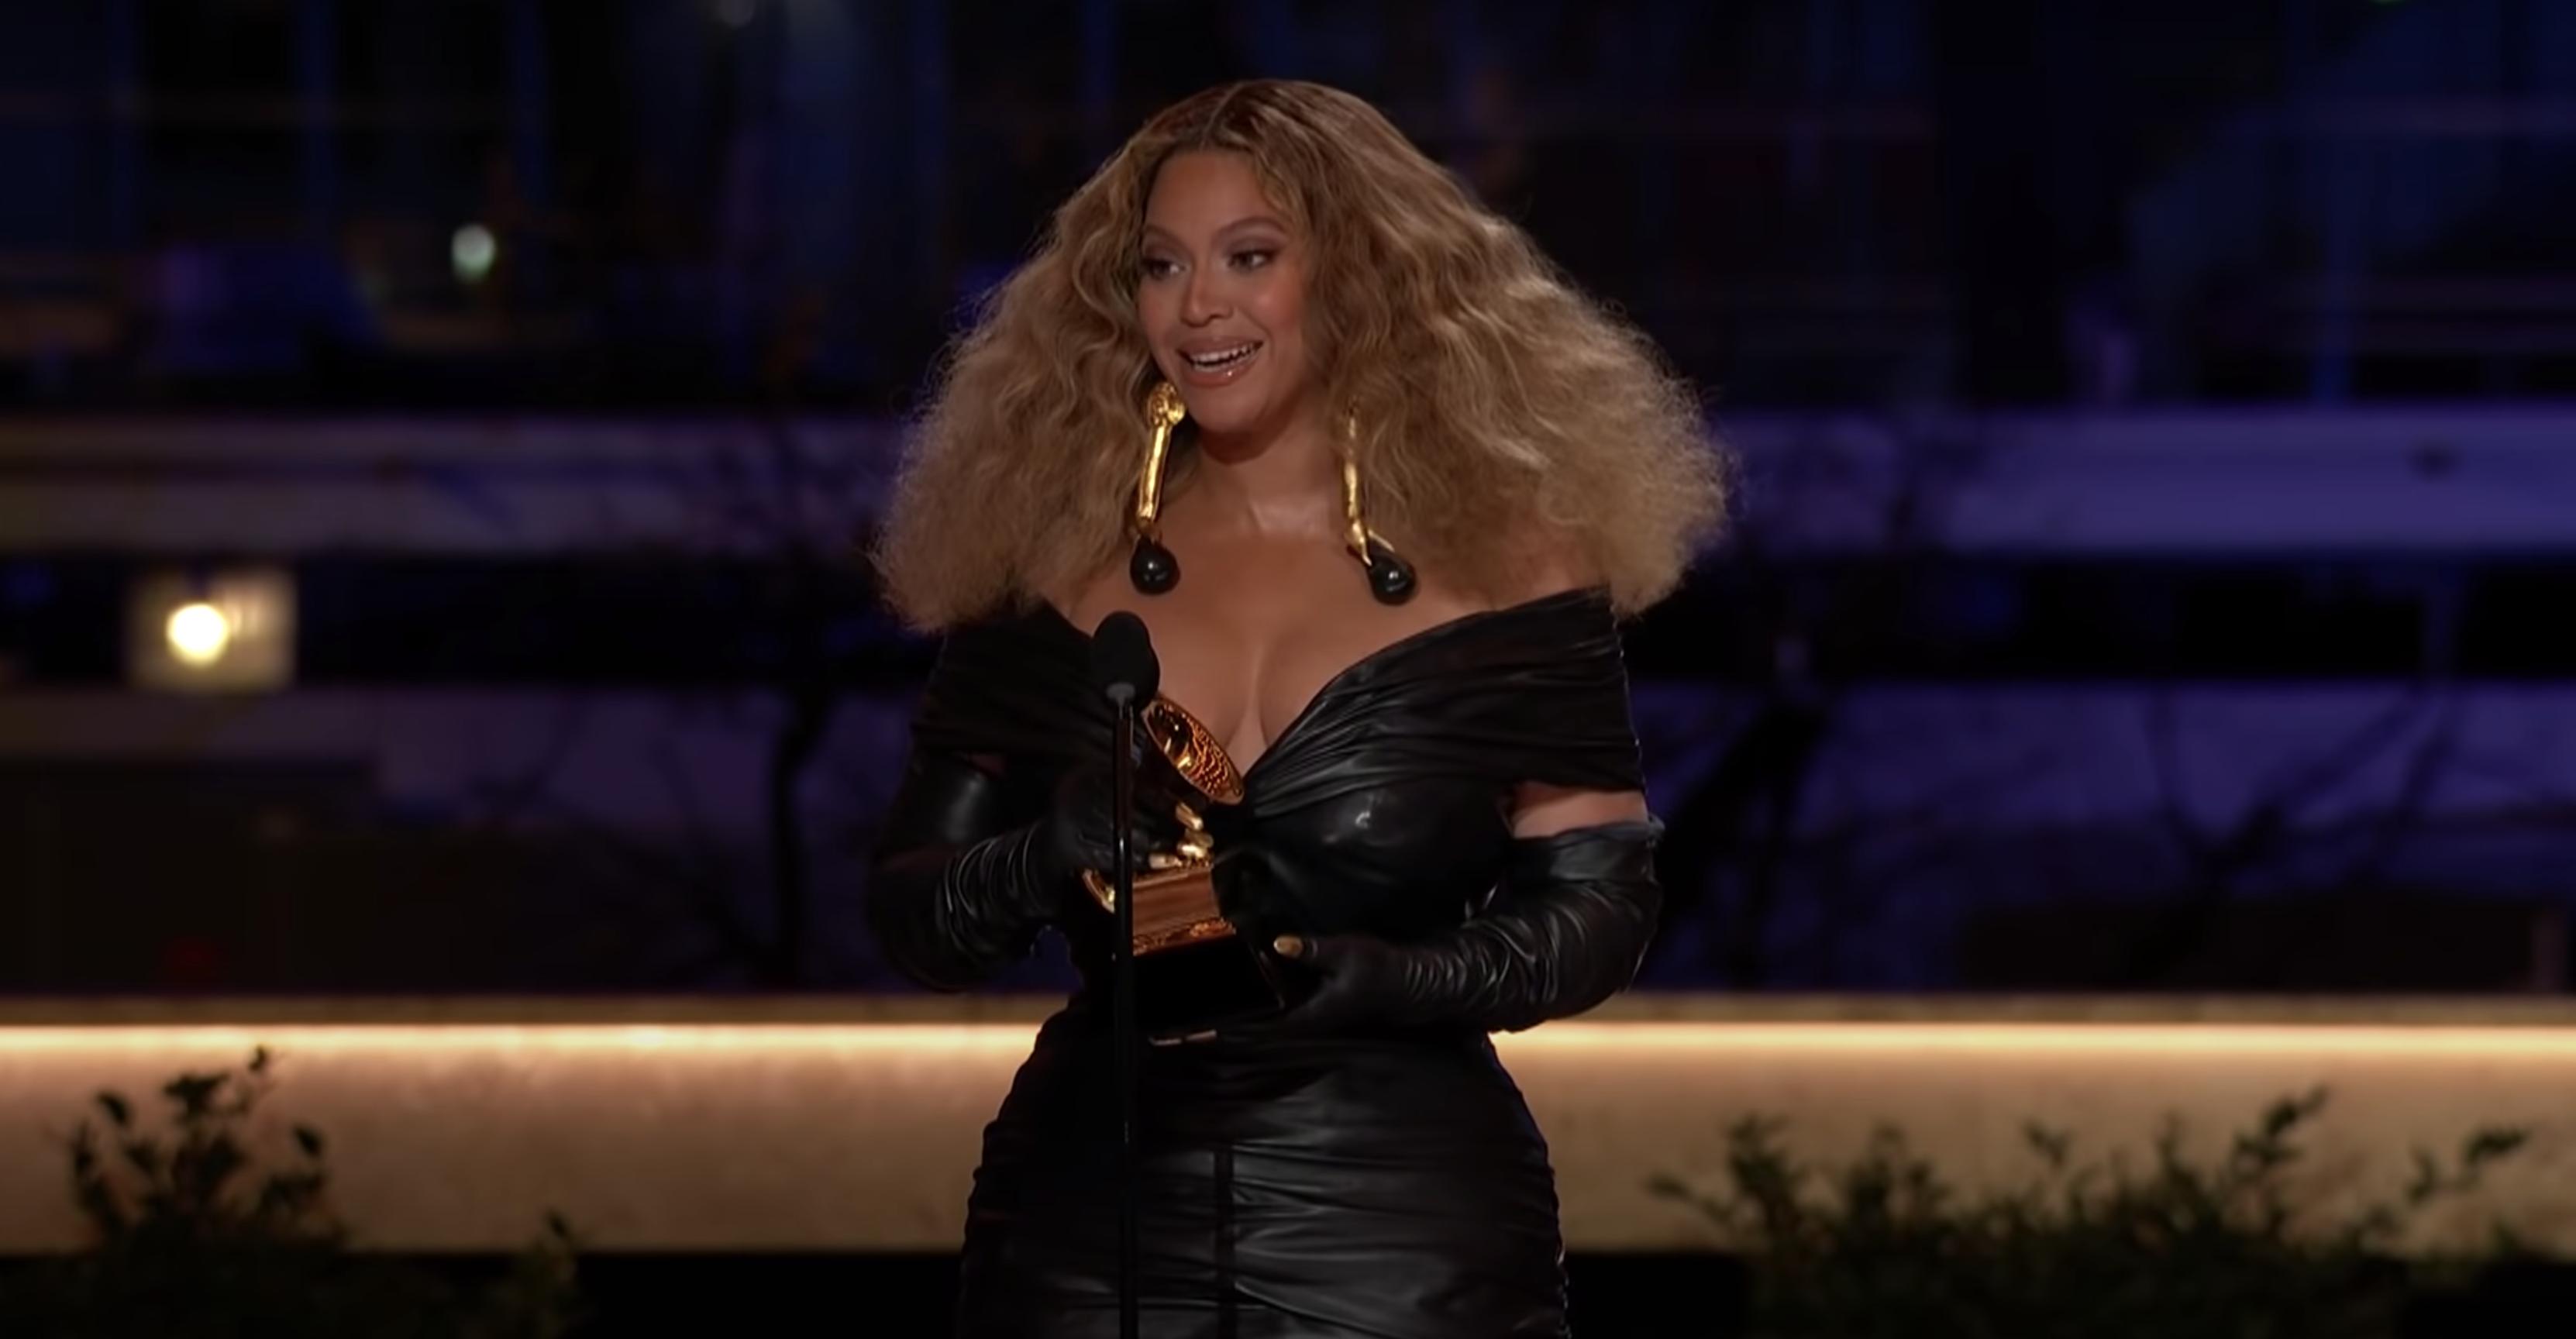 Dit willen Sublime-fans weten over de Grammy Awards 2021